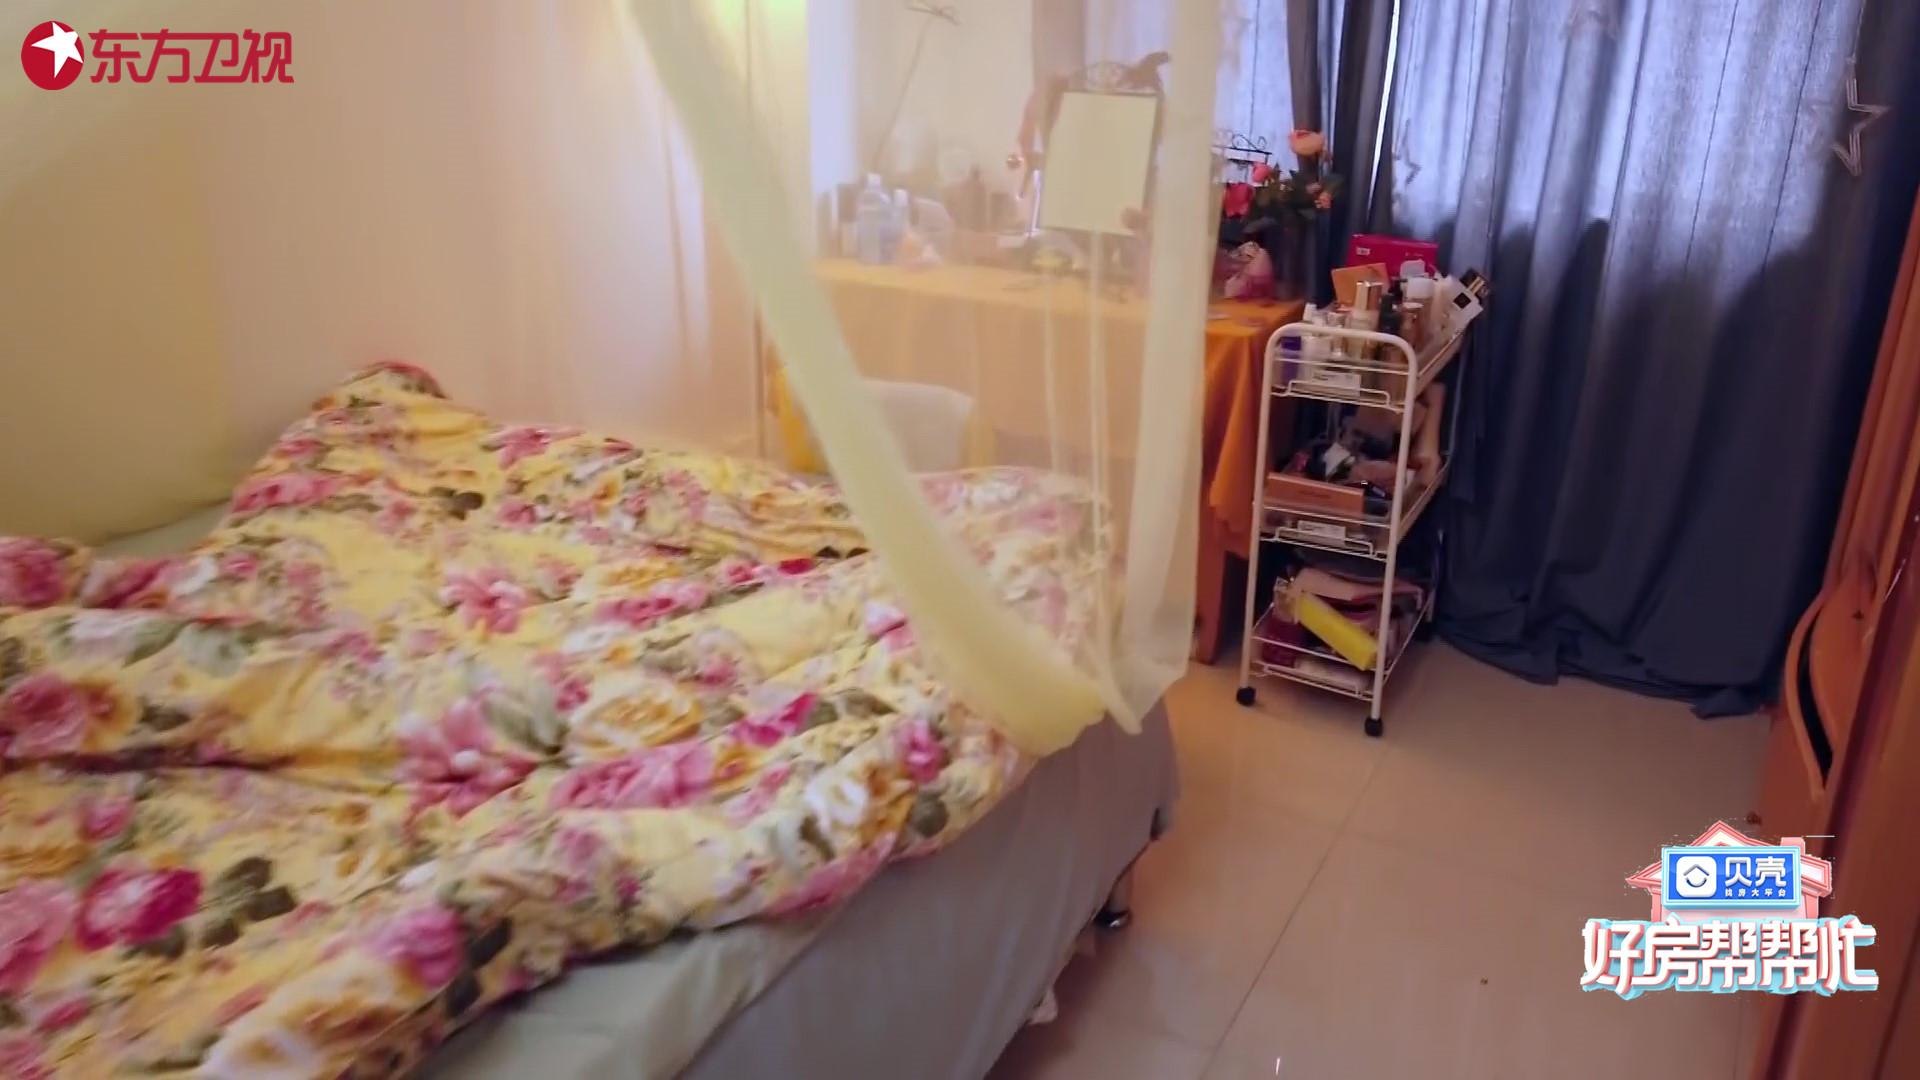 委托人刘姿彤和舍友合租的小房间.jpg